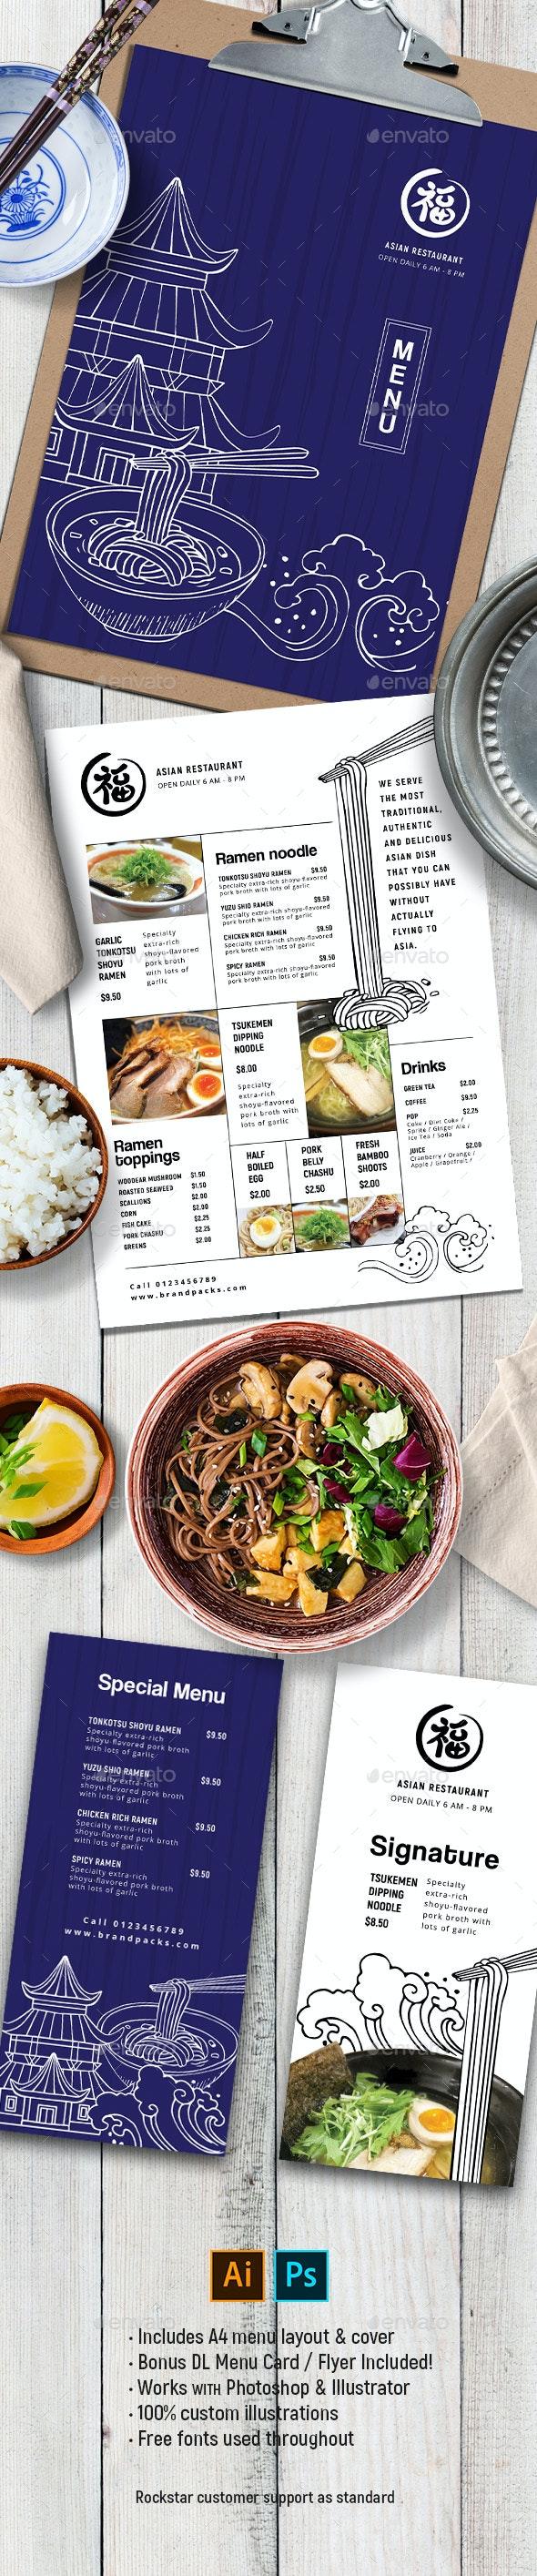 Asian Menu Template - Food Menus Print Templates